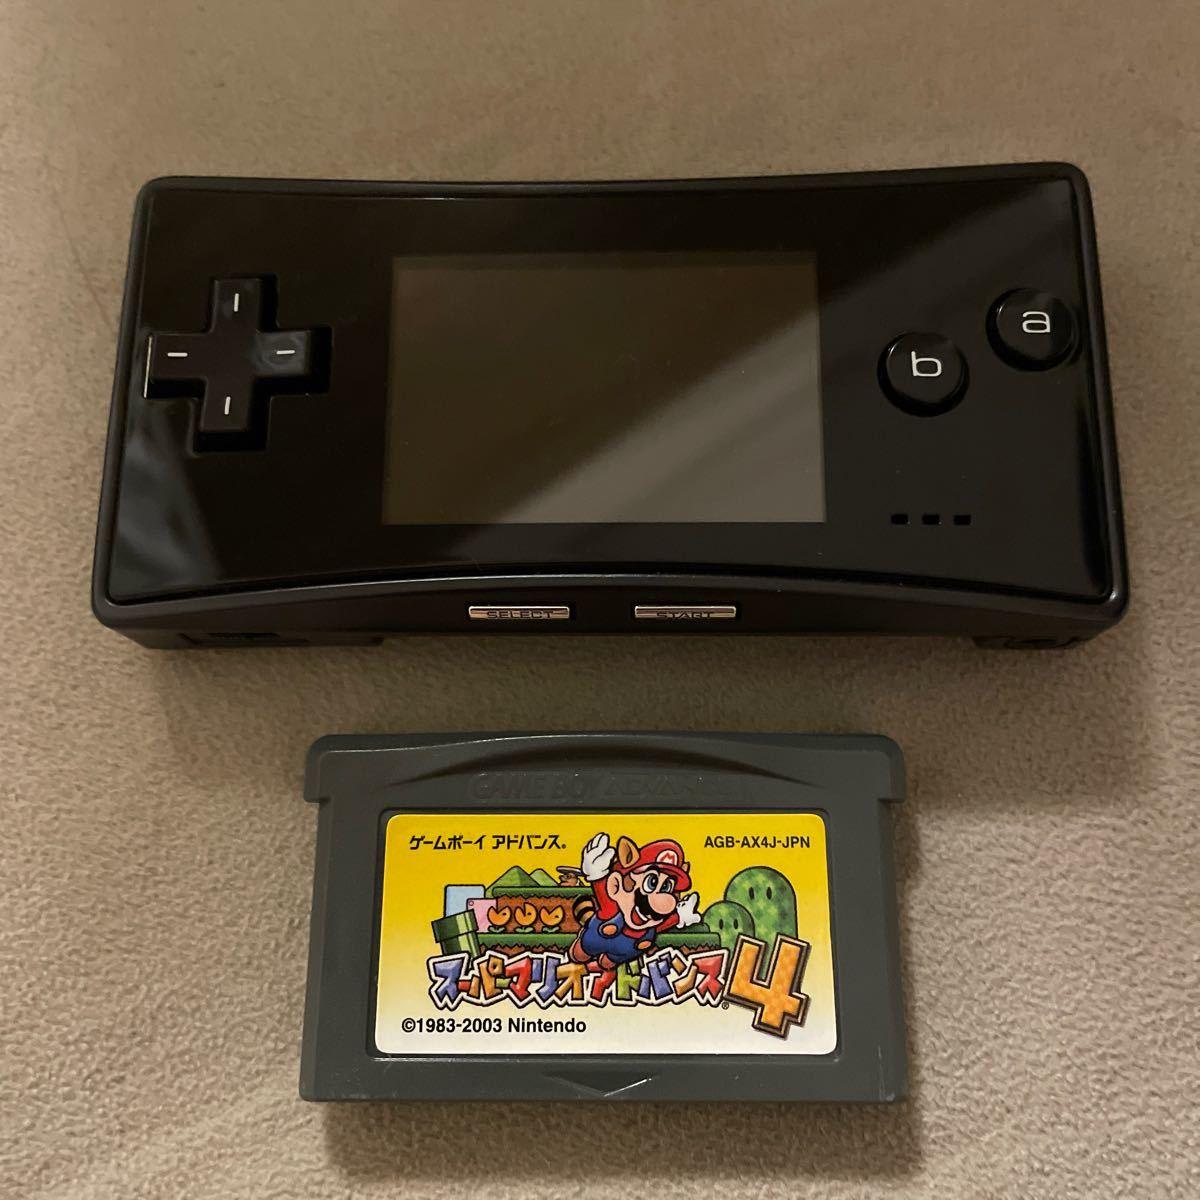 ゲームボーイミクロ GAME BOY micro 本体+ソフト+充電器